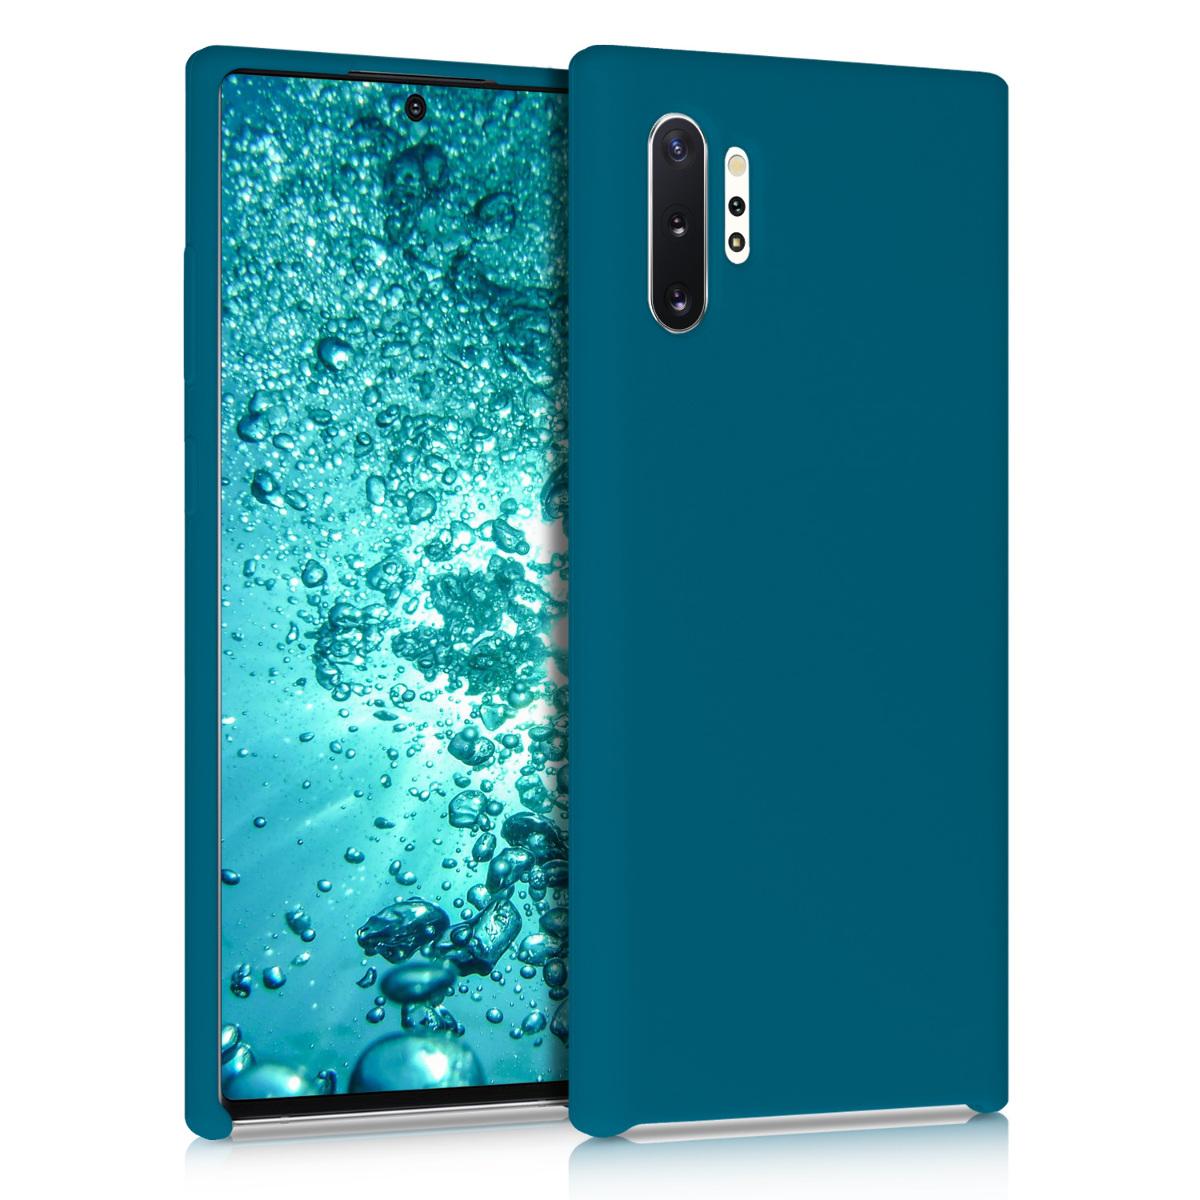 Kvalitní silikonové TPU pouzdro pro Samsung Note 10 Plus - Teal matné